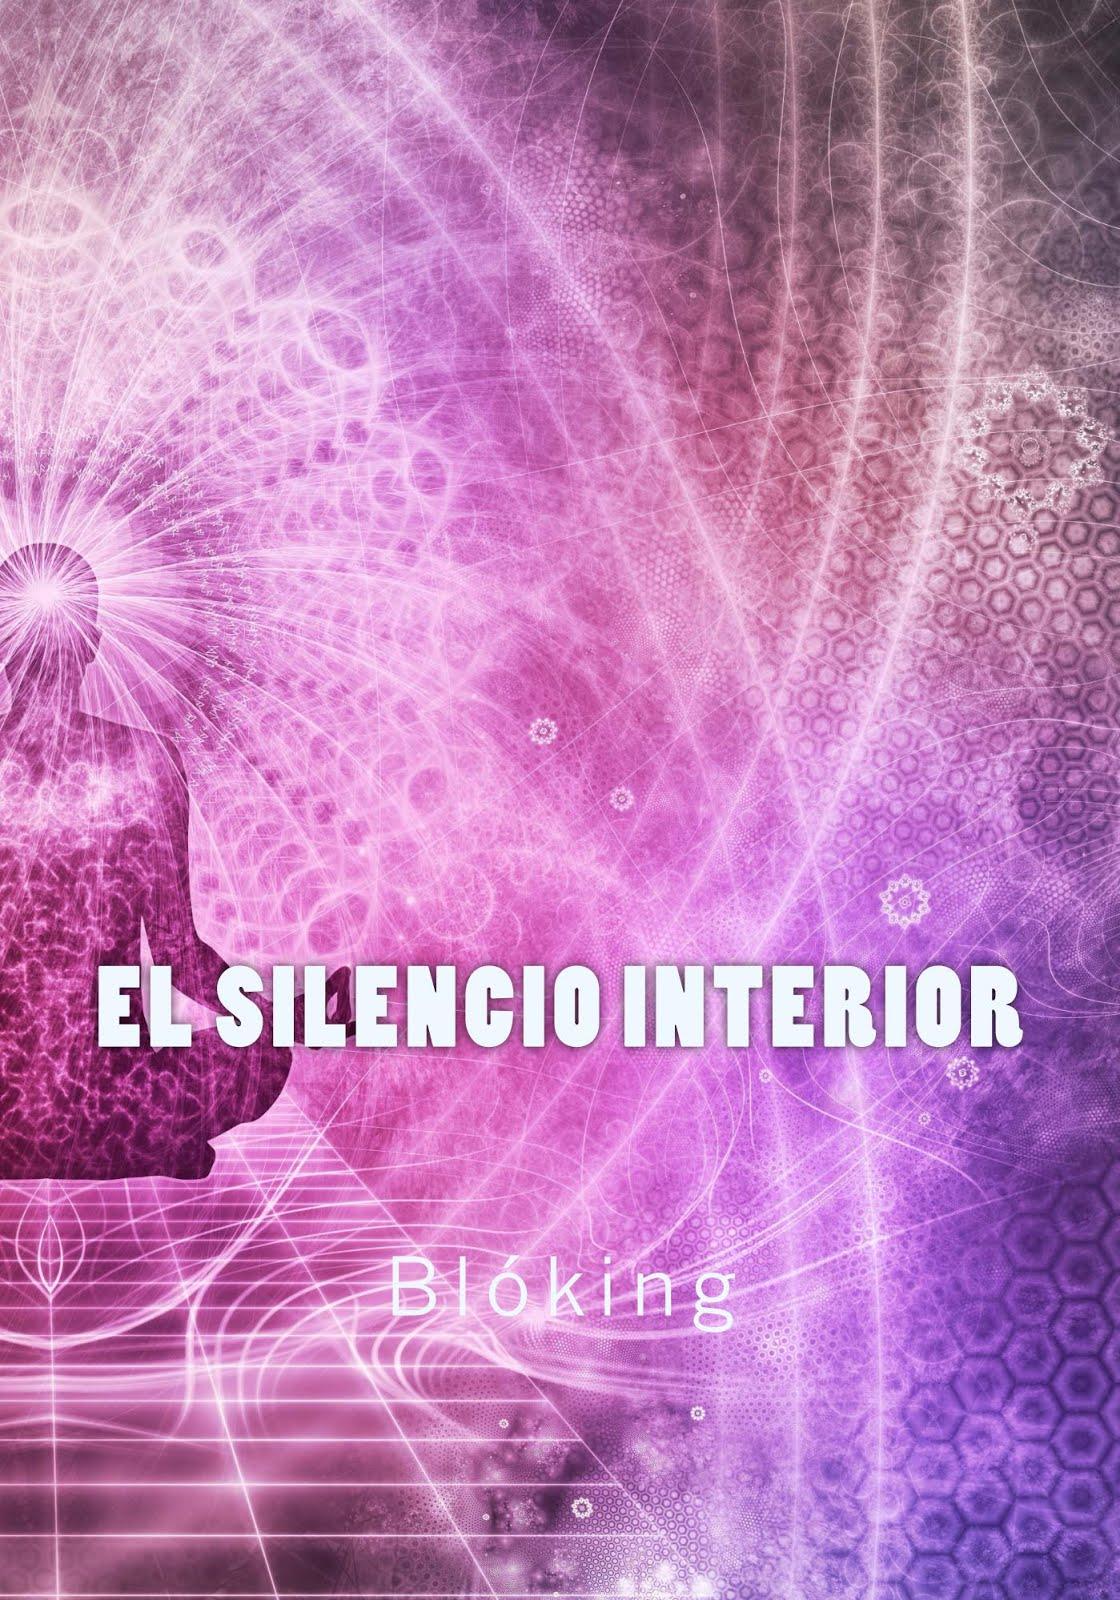 #Obra 41 - El silencio interior